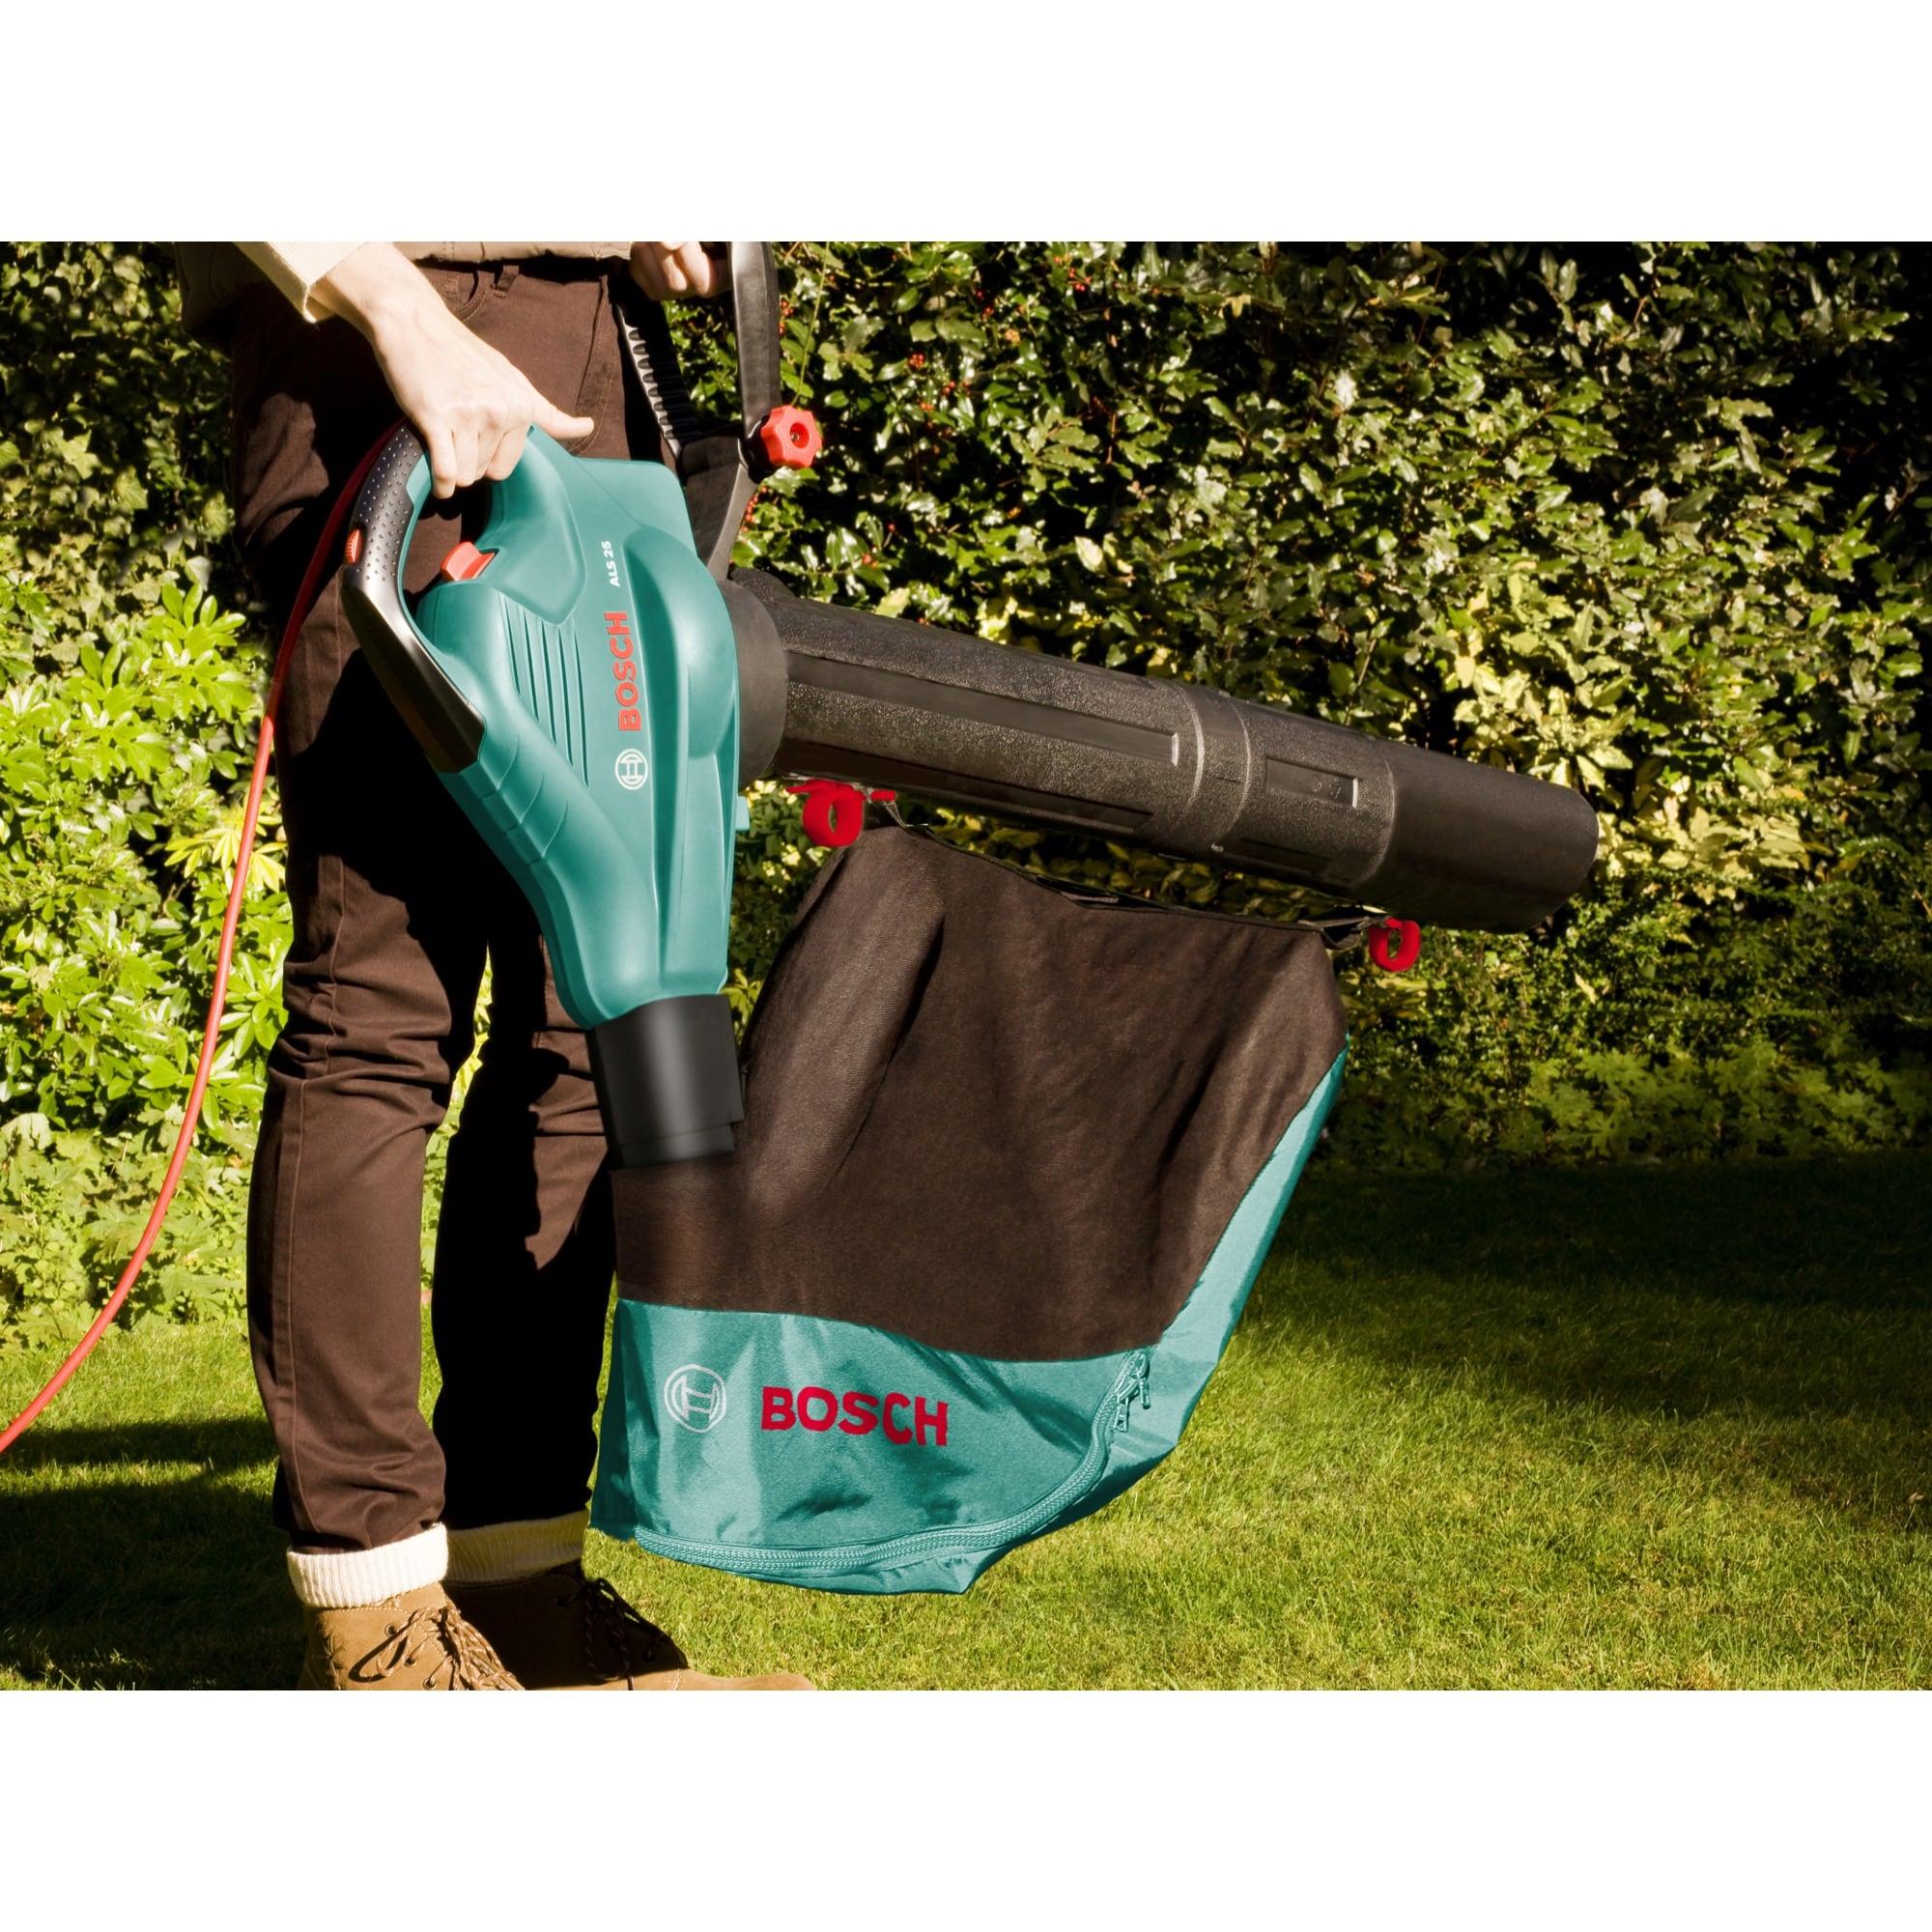 Bosch Laub-/Gartensauger ALS 25